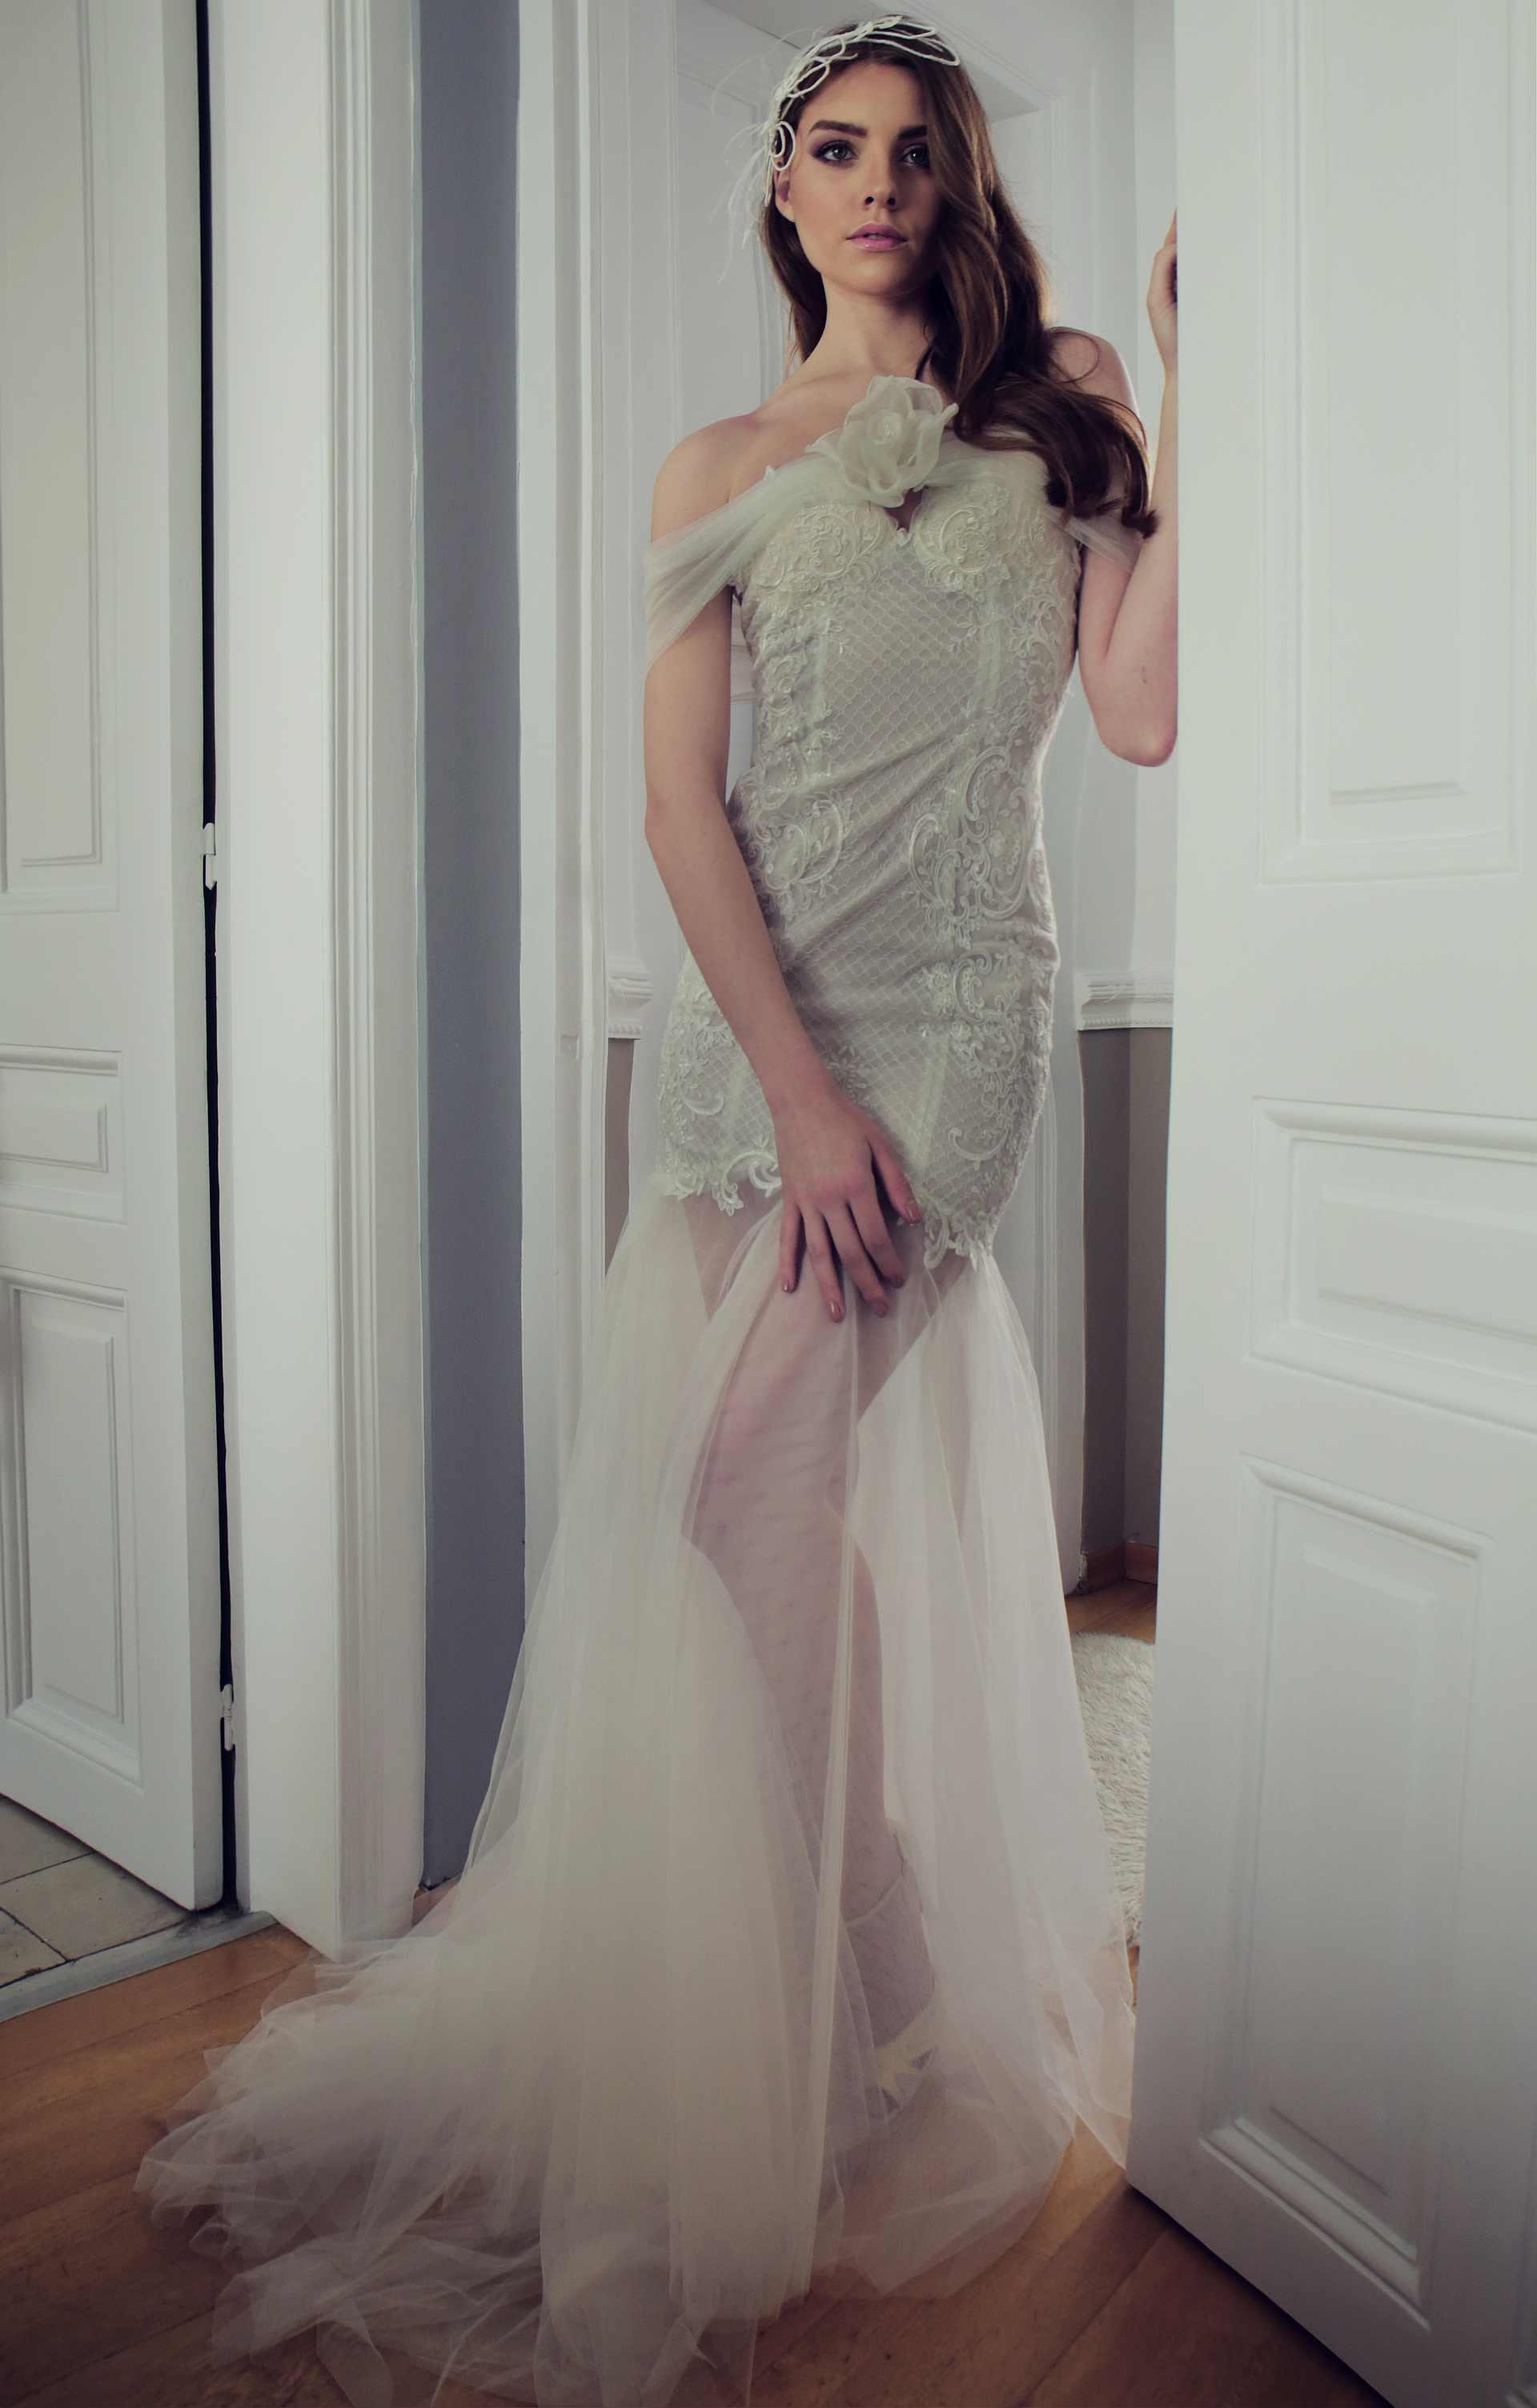 Νυφικό Chloe Μίνι με Εσάρπα & Ουρά - Strapless